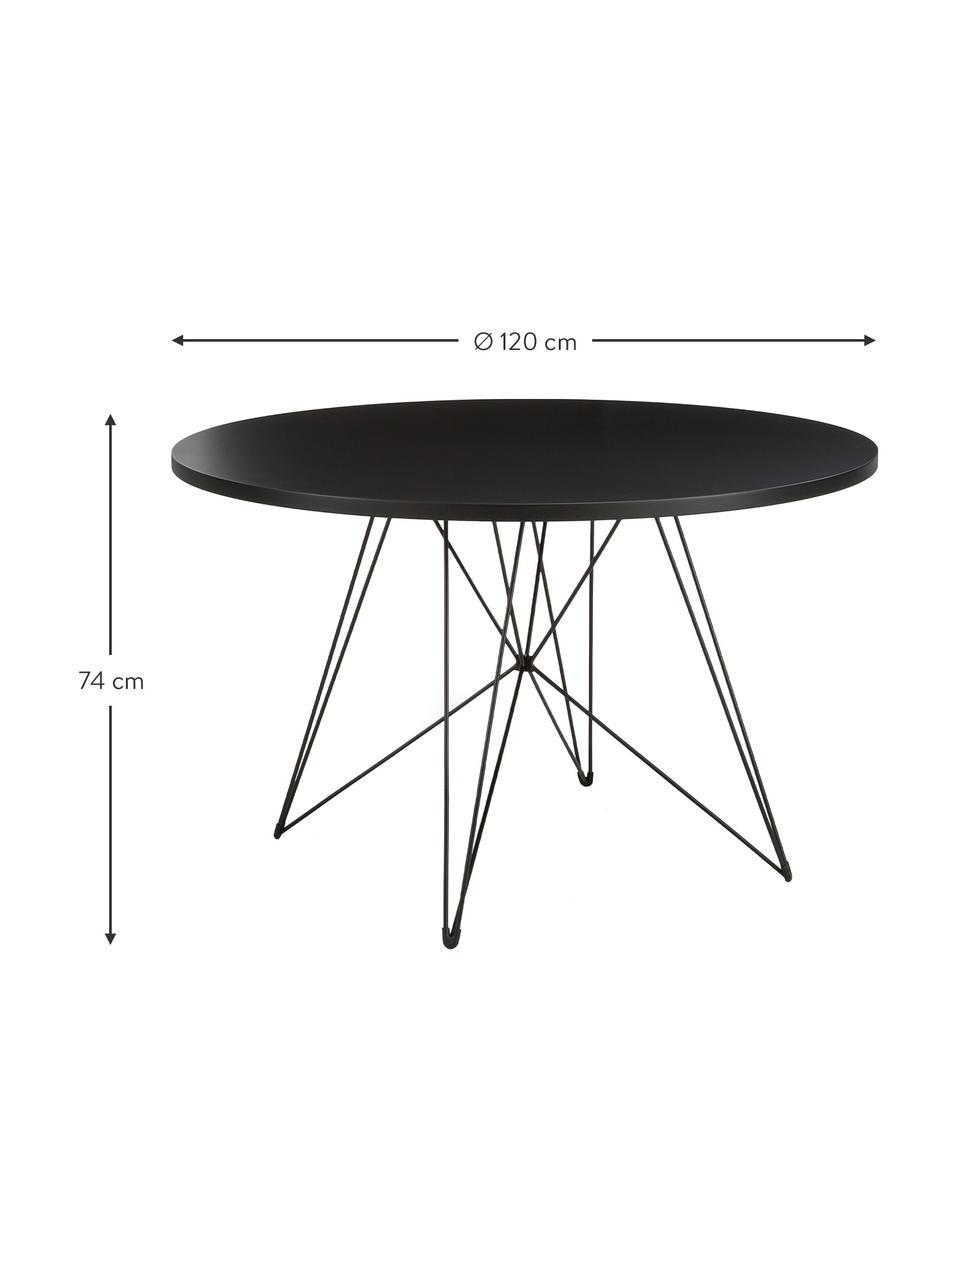 Okrągły stół do jadalni na kozłach XZ3, Blat: płyta pilśniowa o średnie, Nogi: drut stalowy, lakierowany, Czarny, Ø 120 x W 74 cm